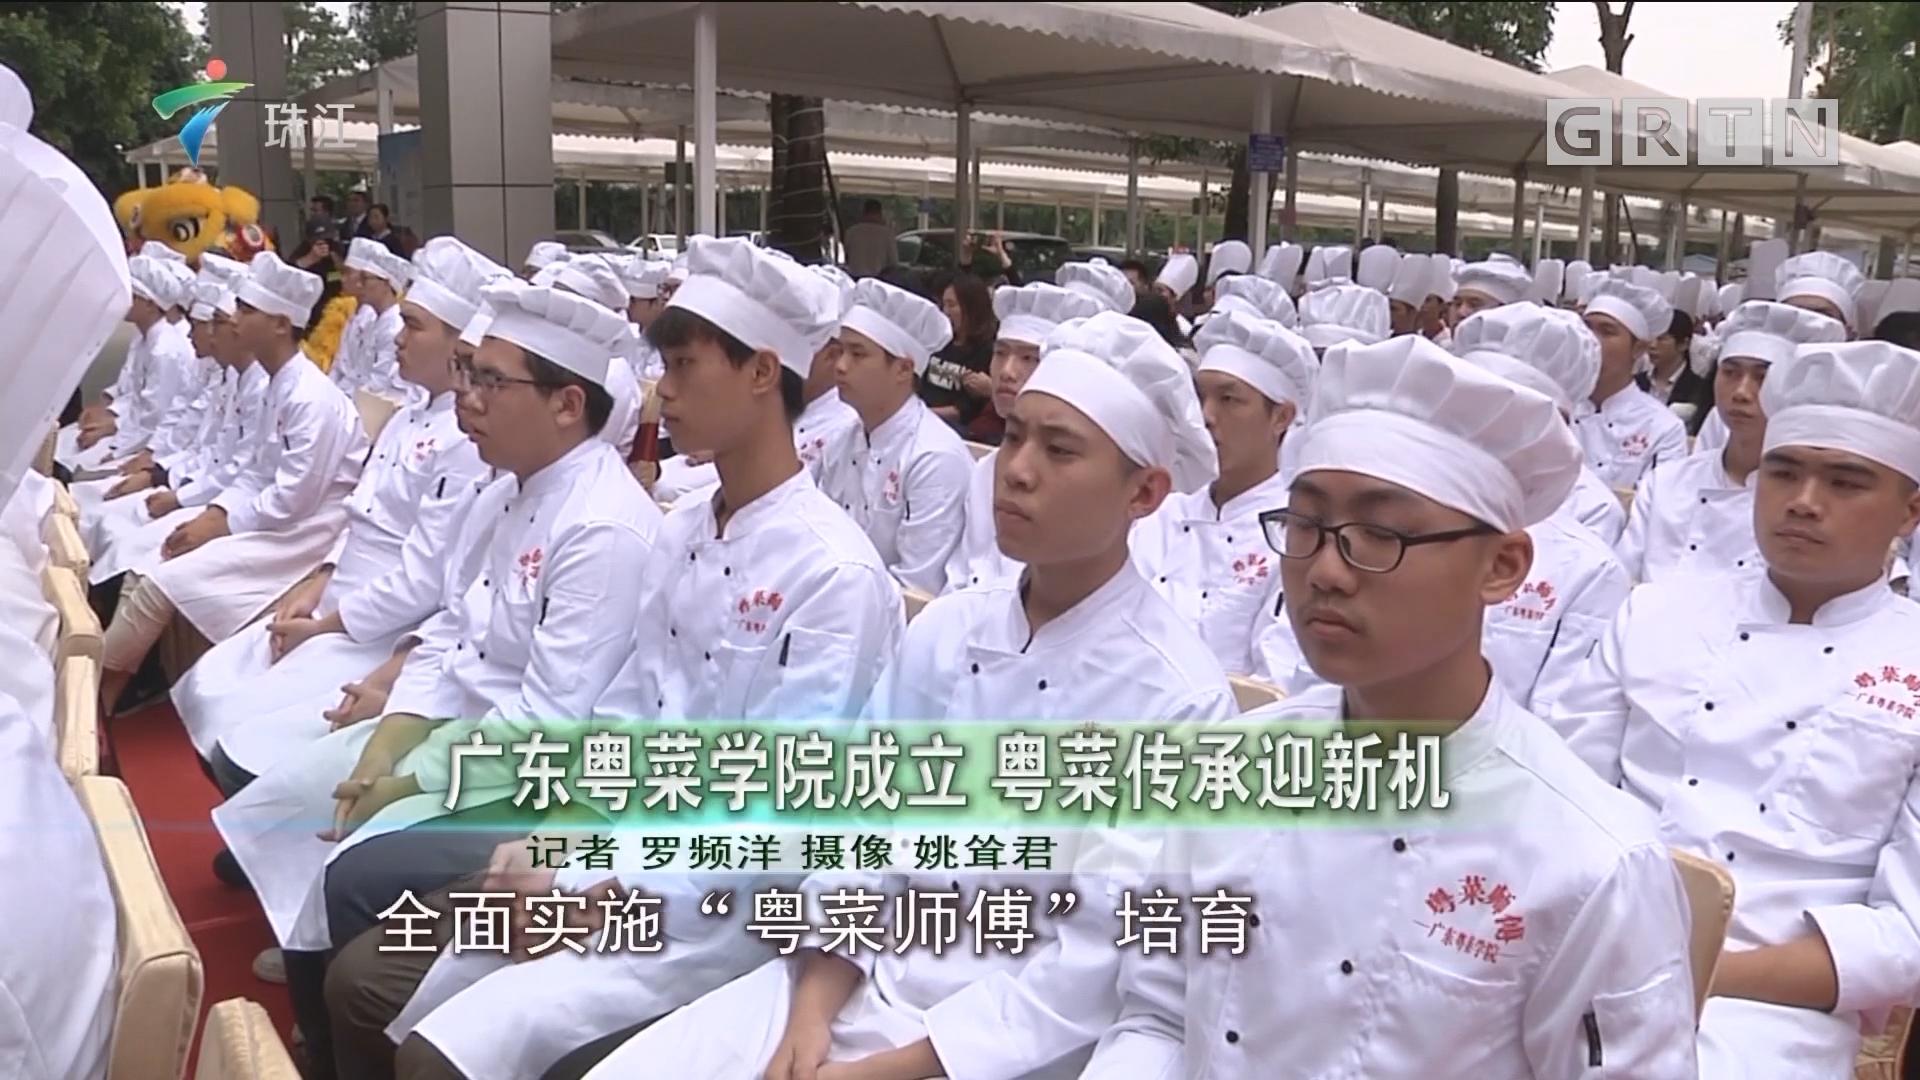 广东粤菜学院成立 粤菜传承迎新机